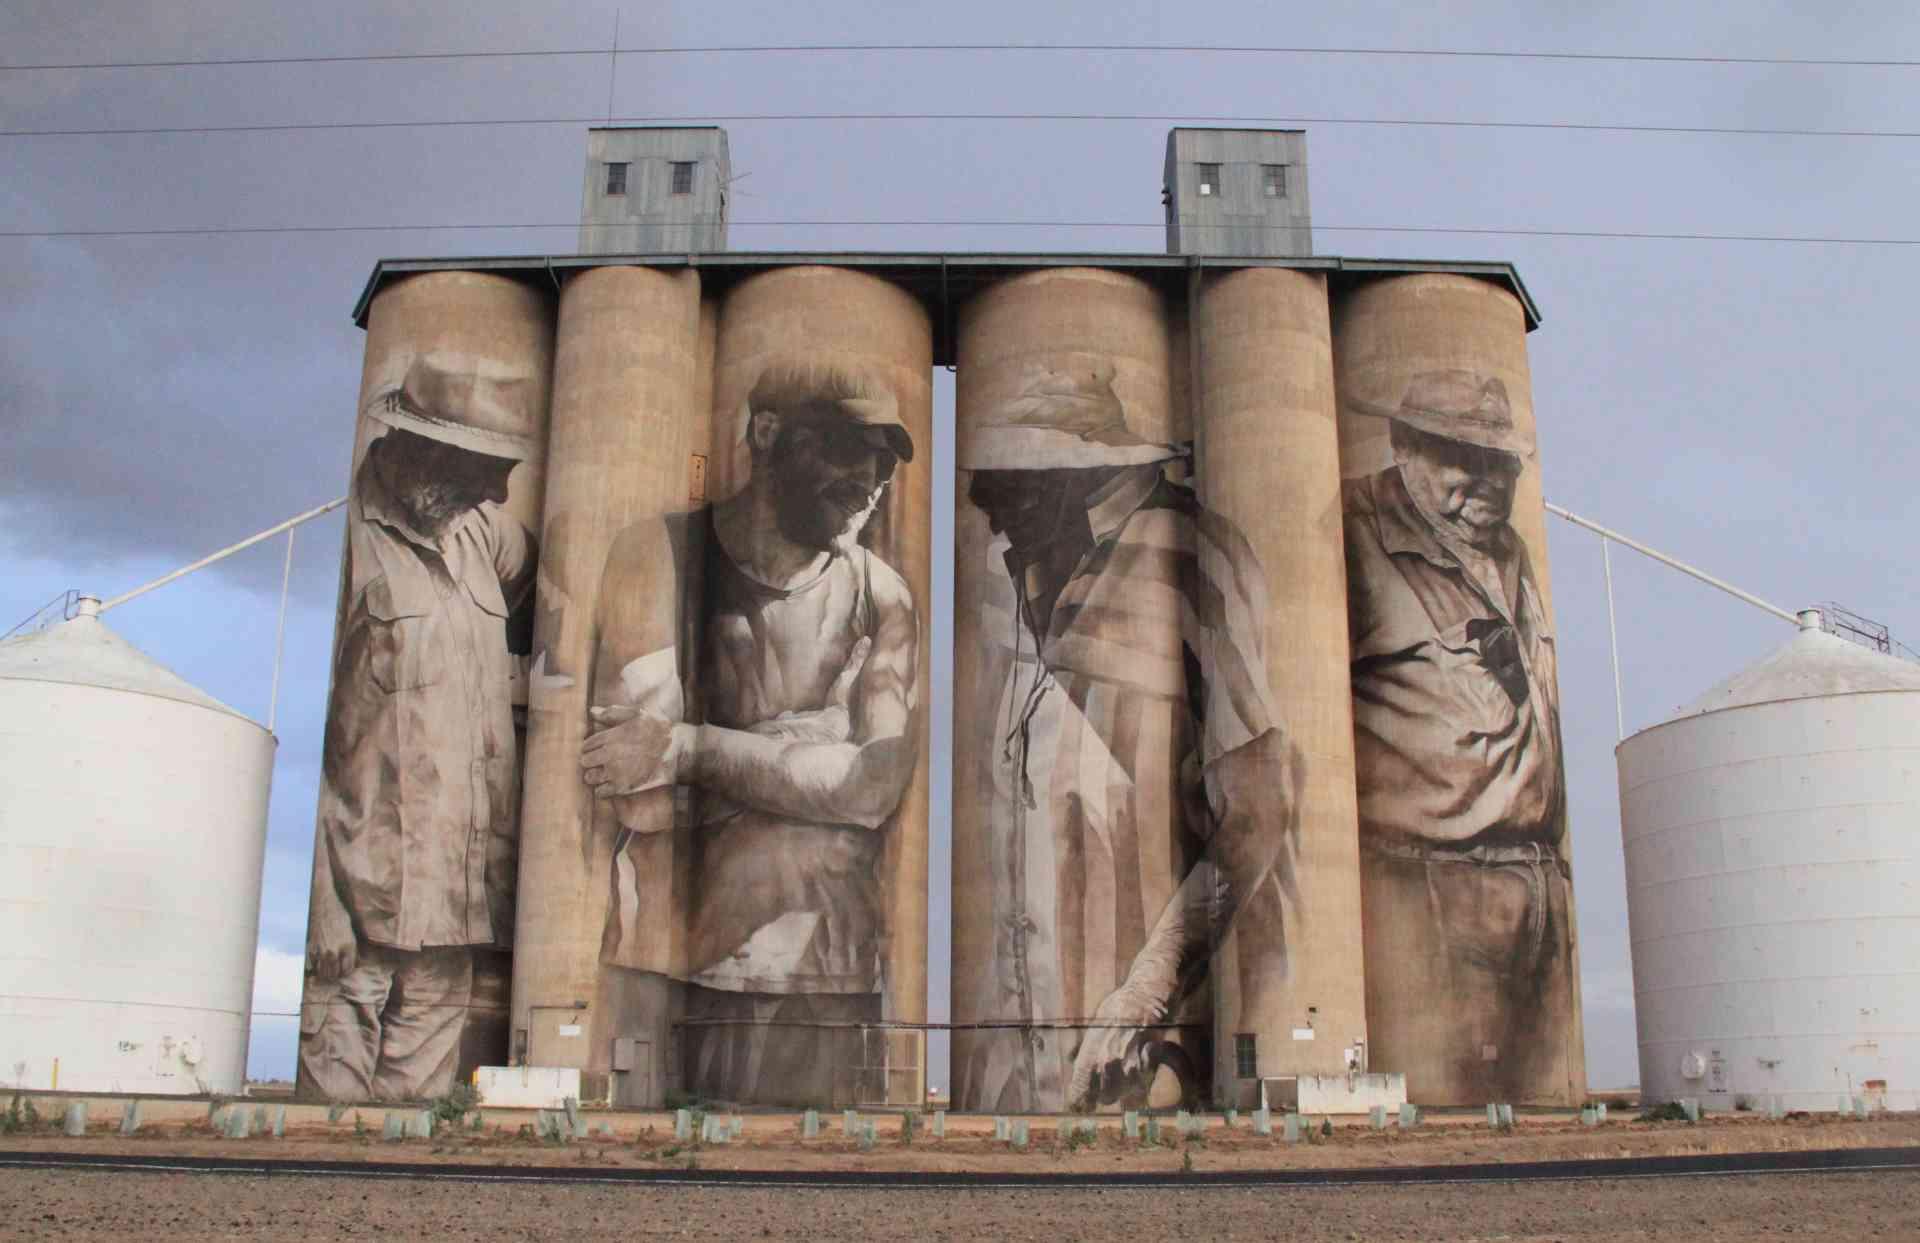 Silo Art in Brim, Victoria by Visit Victoria